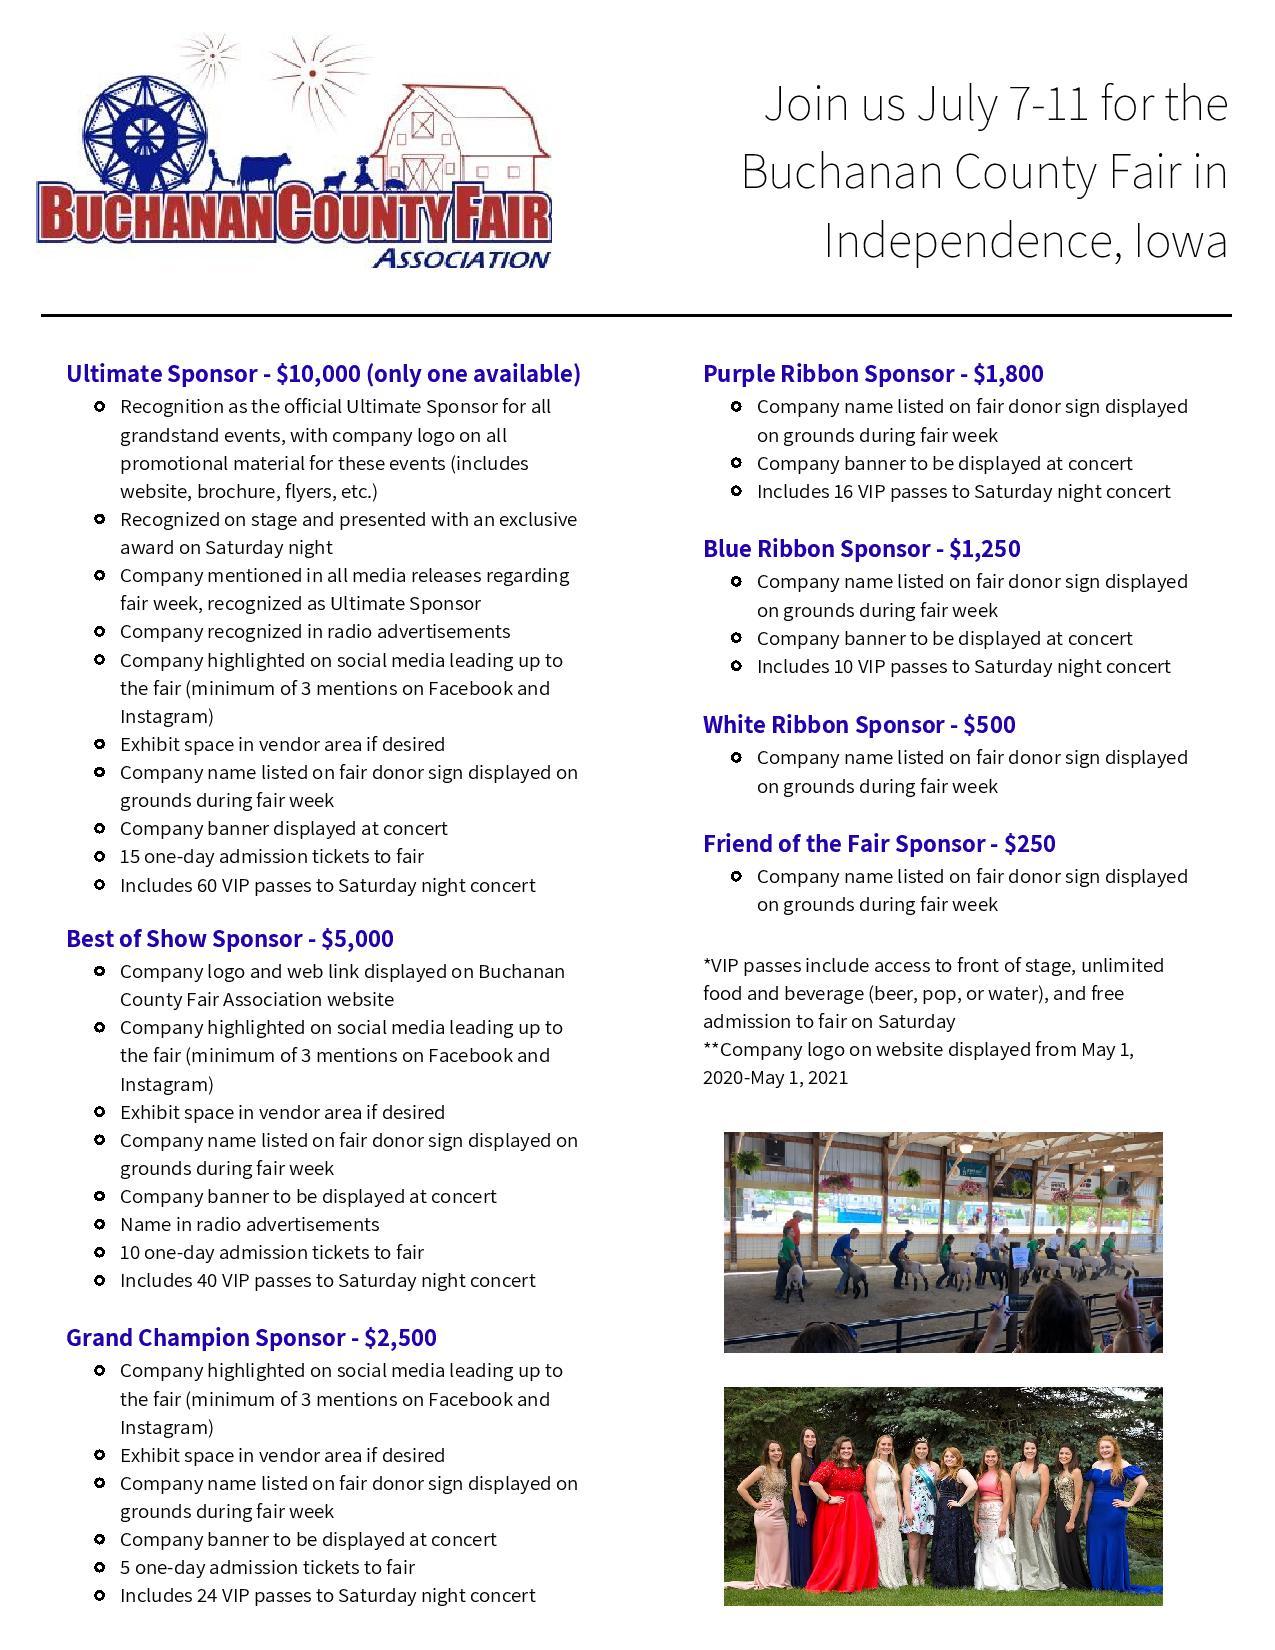 FINAL_2020SposorshipSheet-page-002